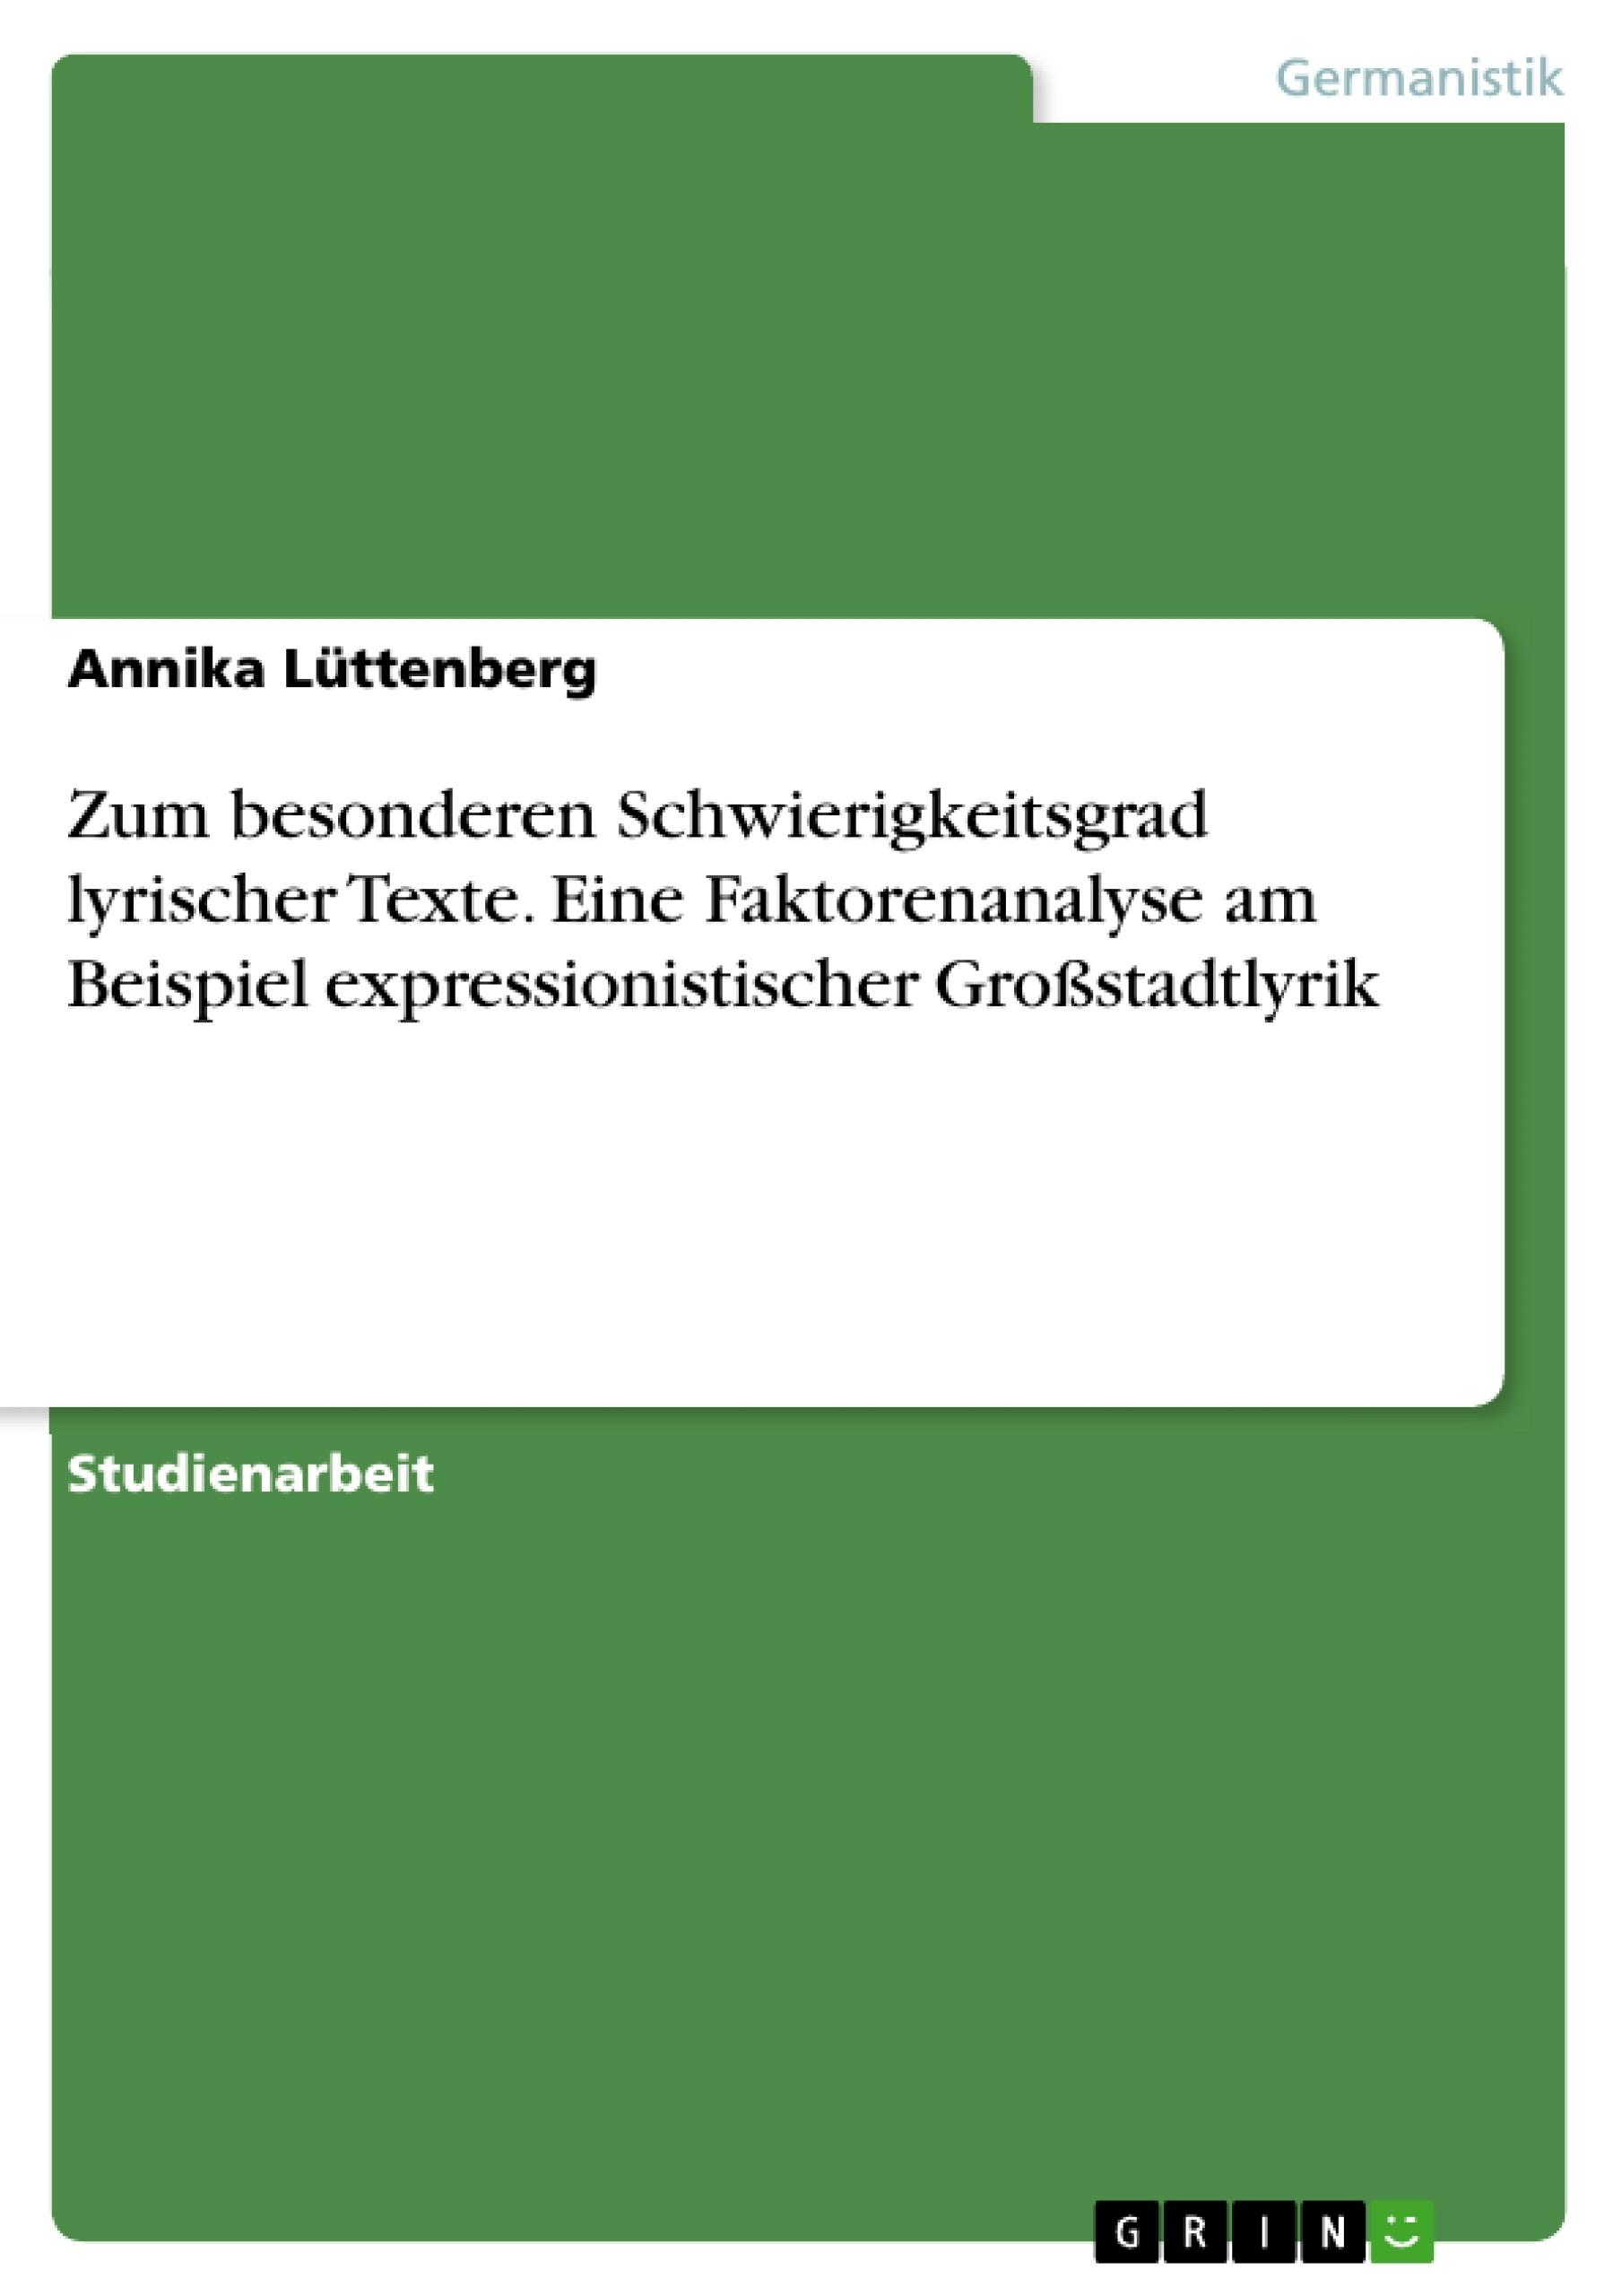 Titel: Zum besonderen Schwierigkeitsgrad lyrischer Texte. Eine Faktorenanalyse am Beispiel expressionistischer Großstadtlyrik